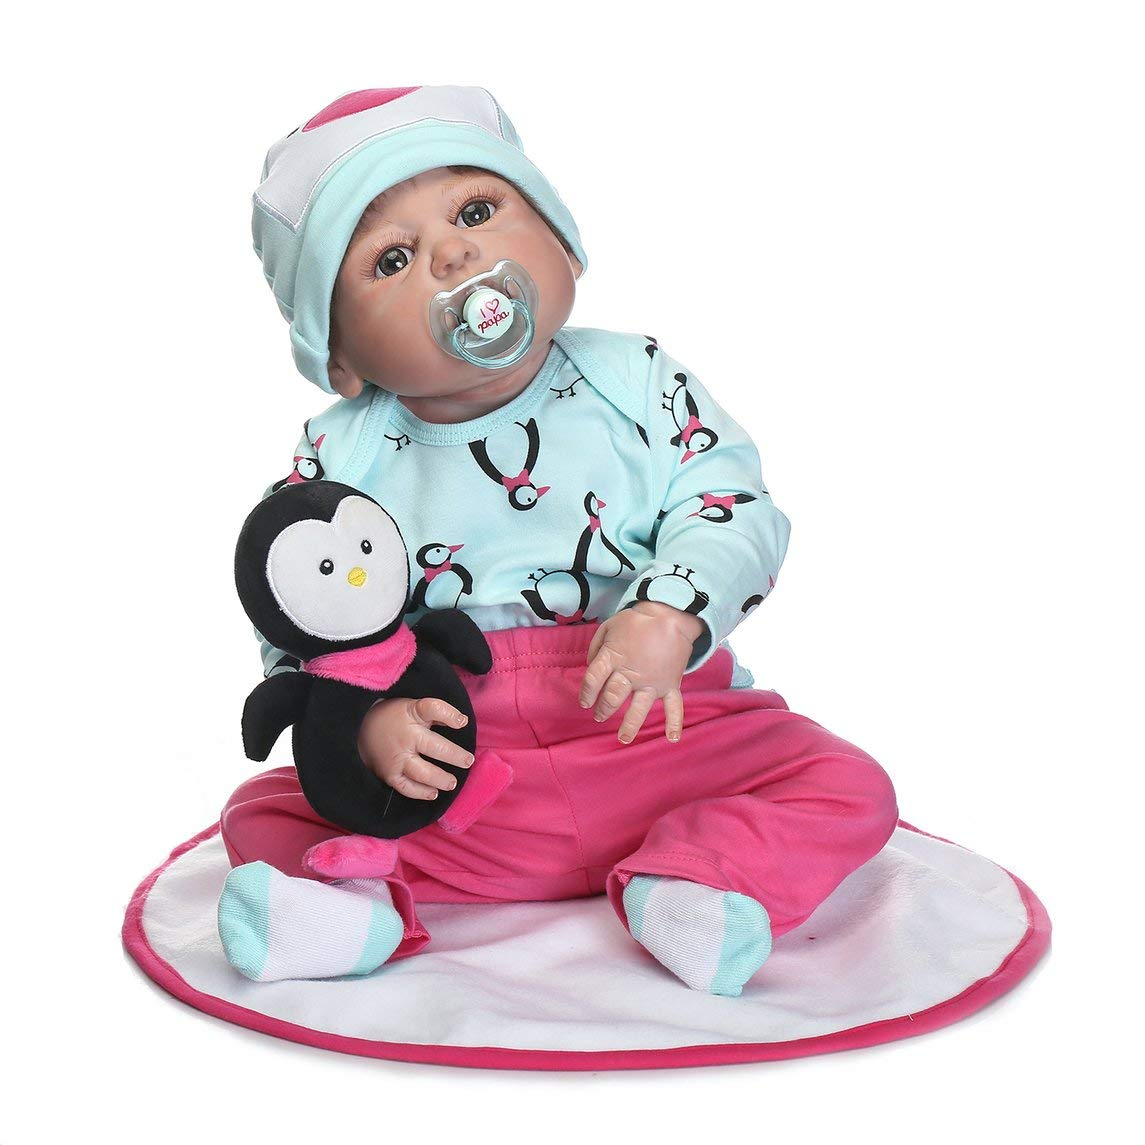 Footprintes 22 Pulgadas niños renacer muñeca de Cuerpo Completo de Silicona Realista recién Nacido muñeca con pinguuml;ino Toque Suave Mejor Regalo de cumpleaños